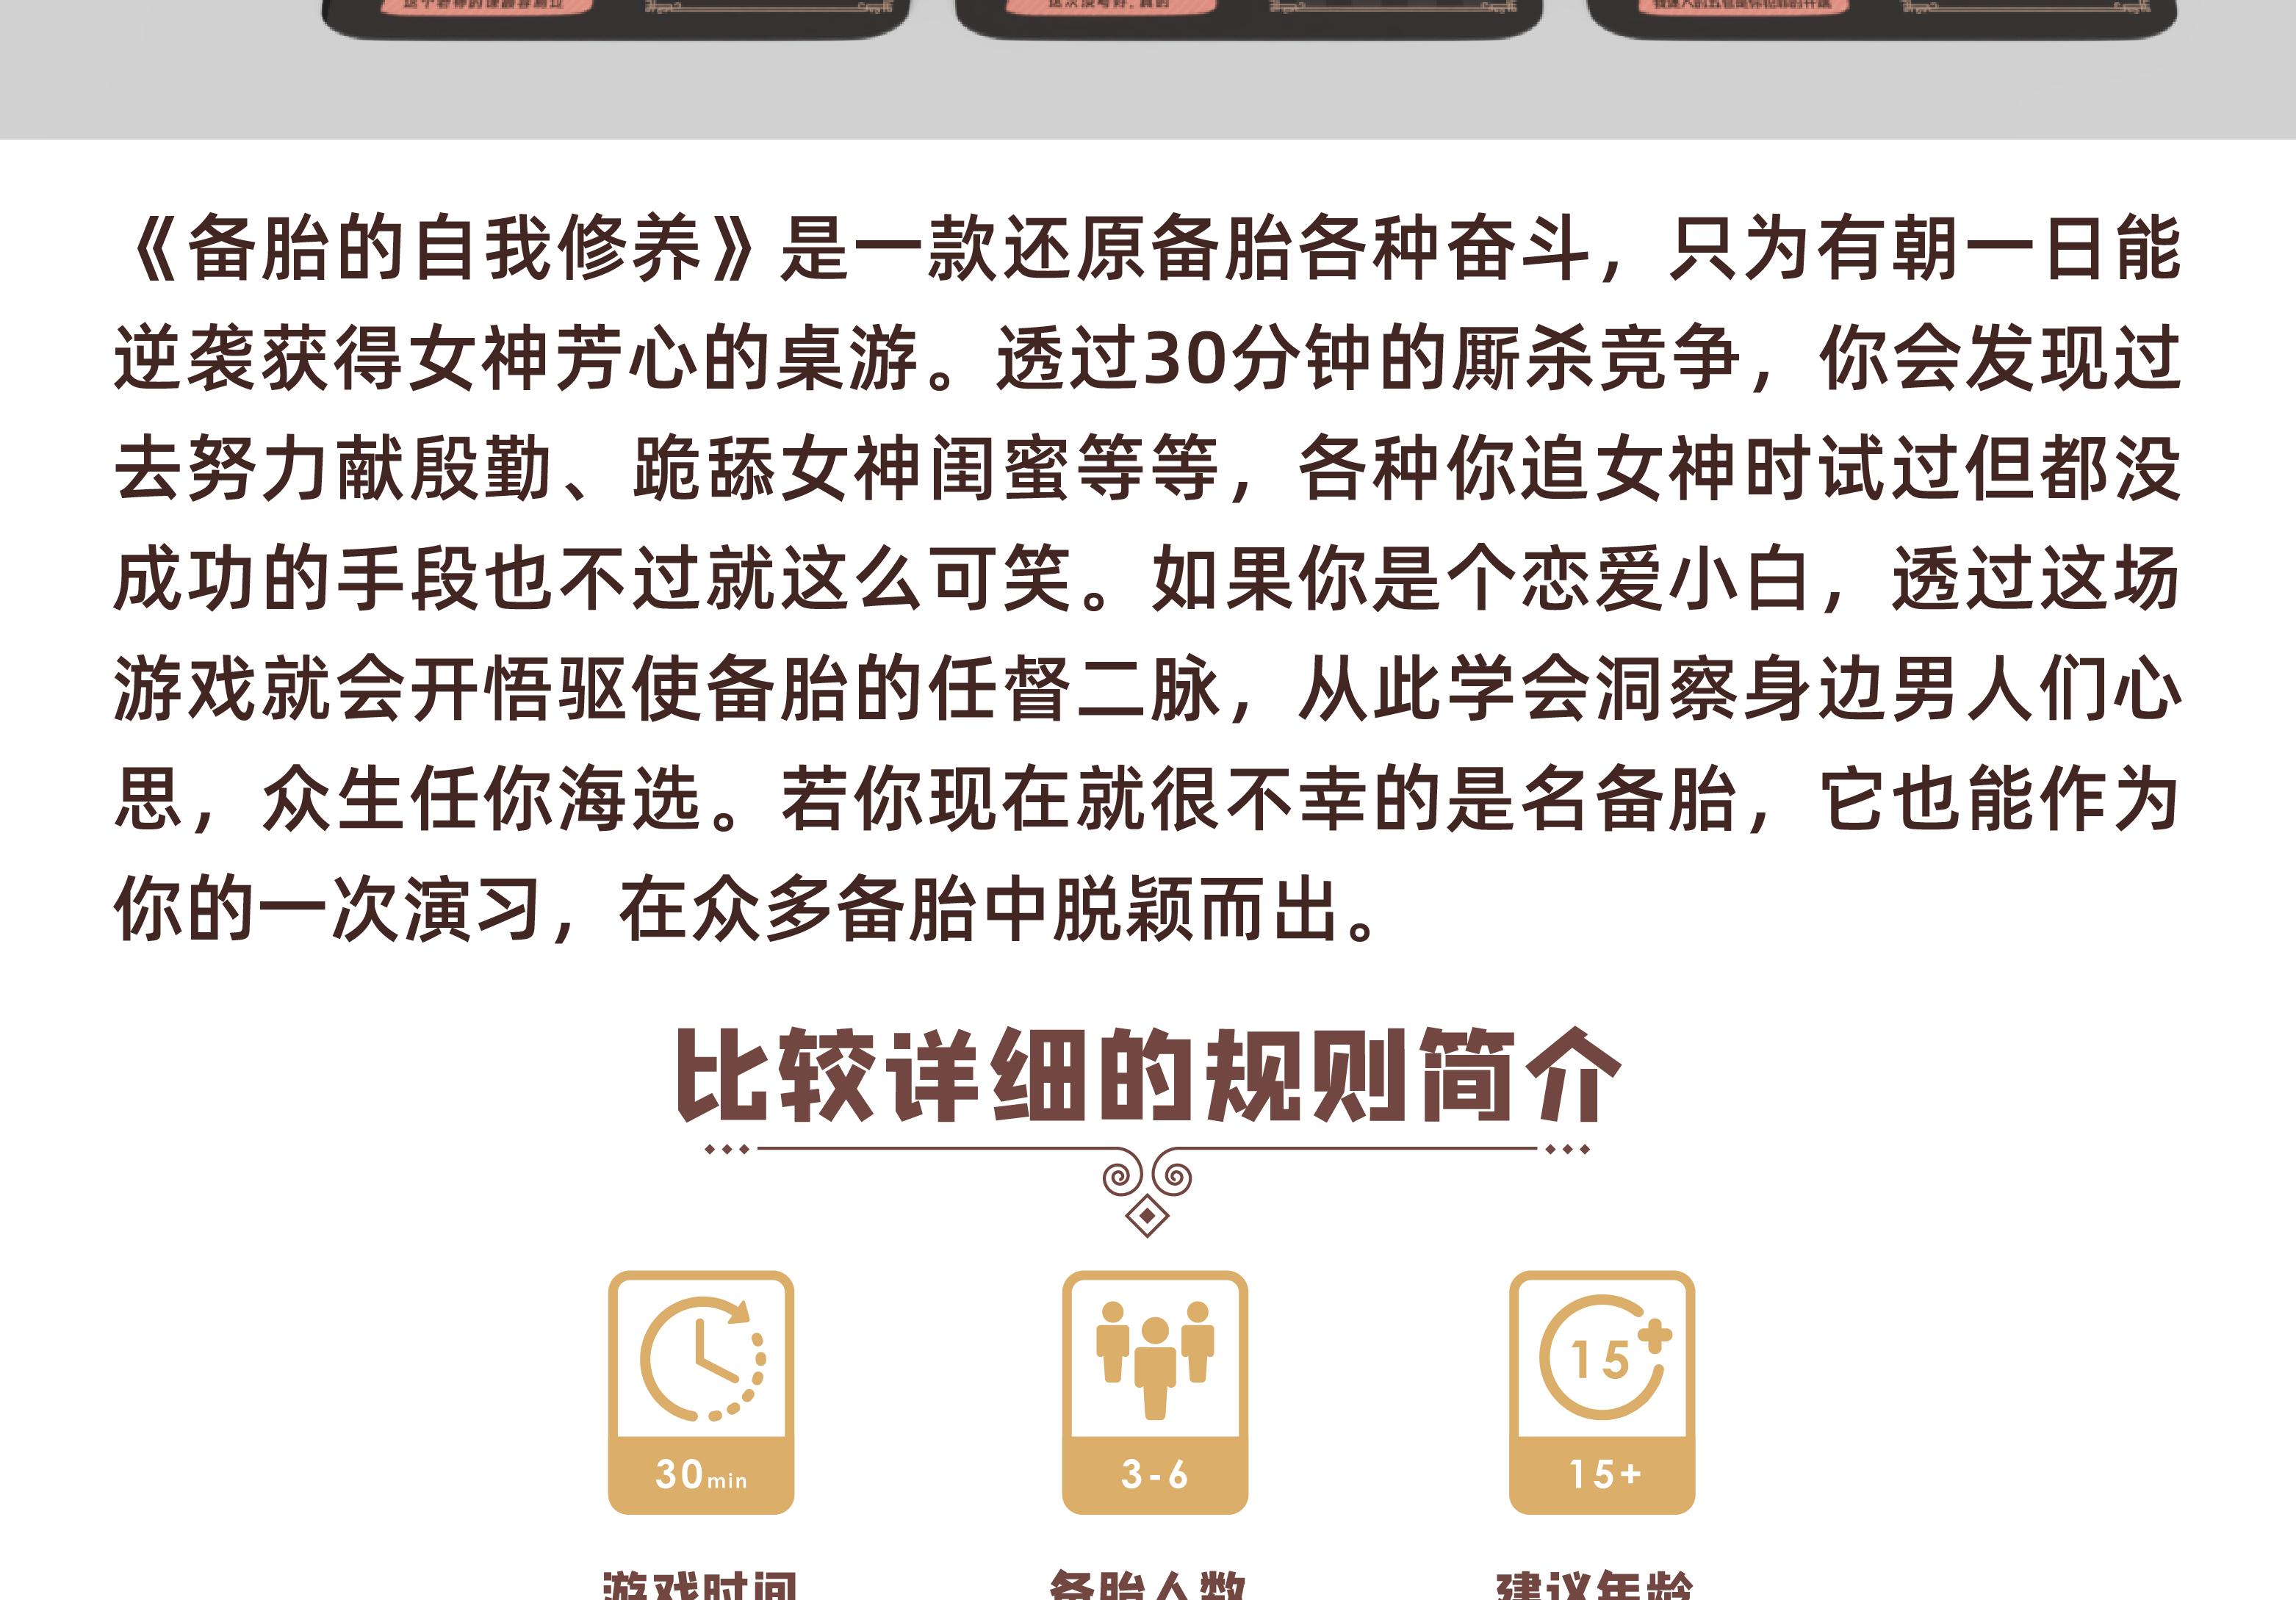 20190904-众筹封面-详情_画板-1_10.jpg